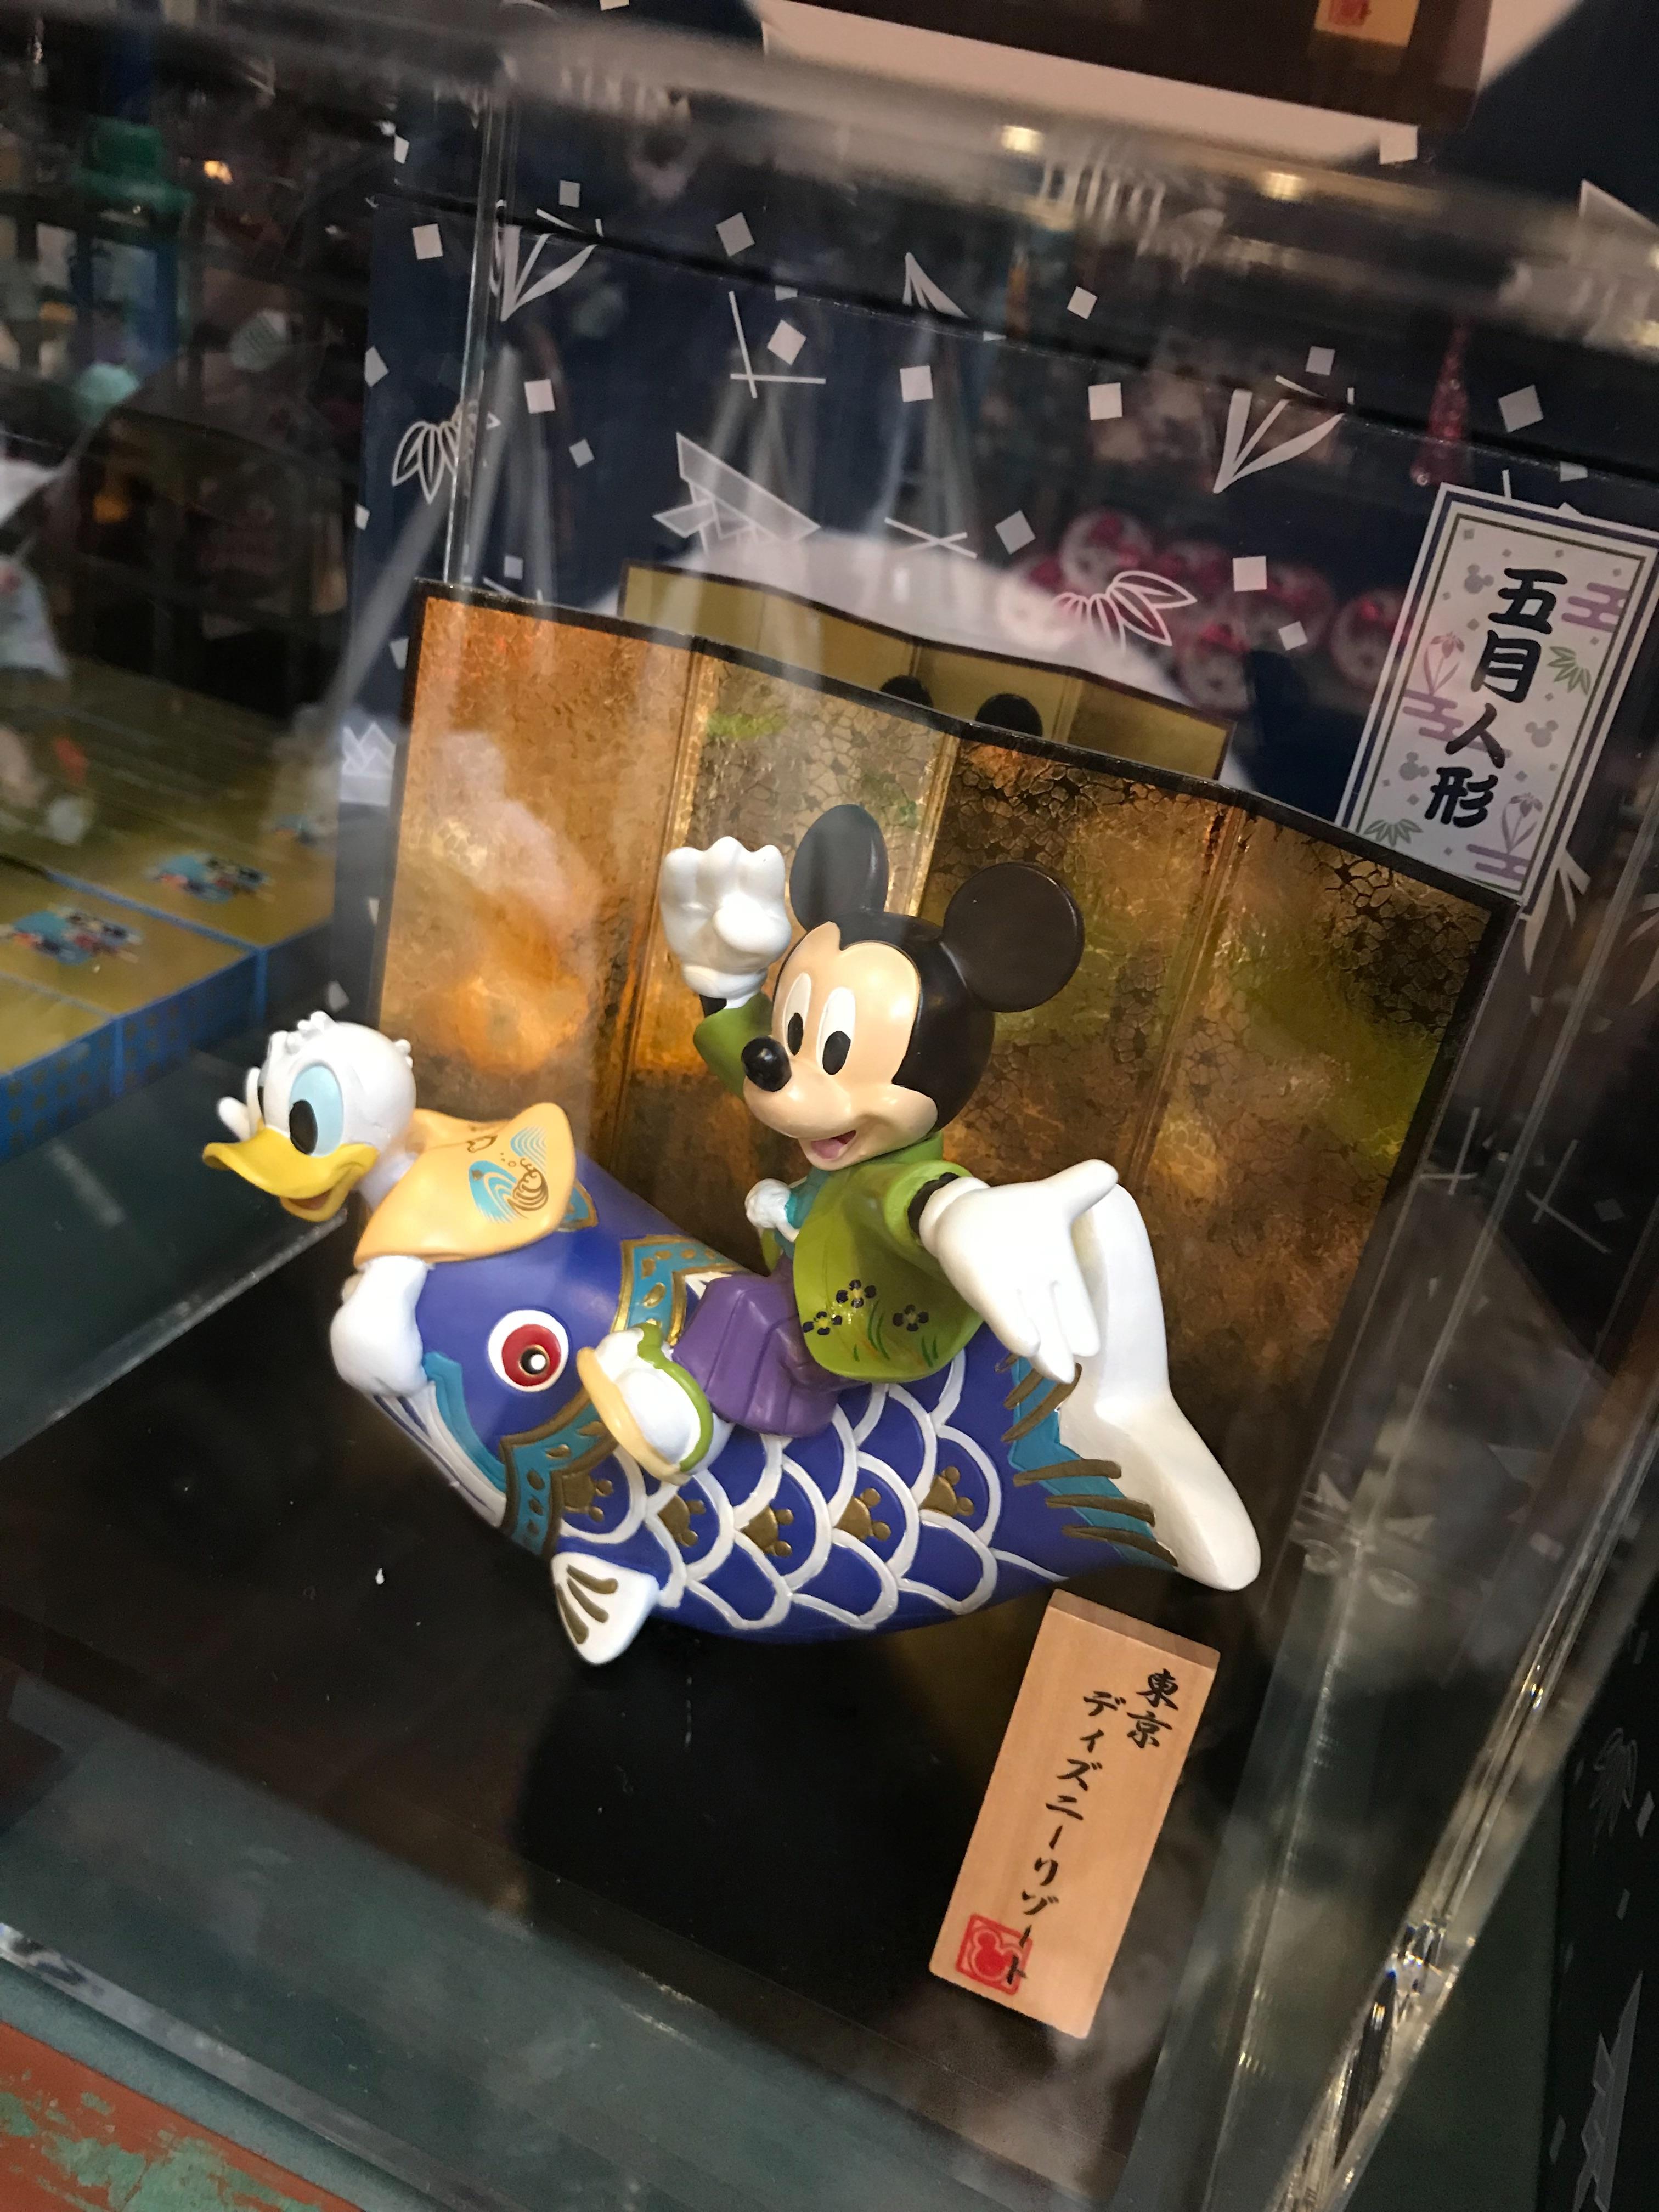 ディズニーの5月人形が可愛すぎた!ミッキー好きには必見ー